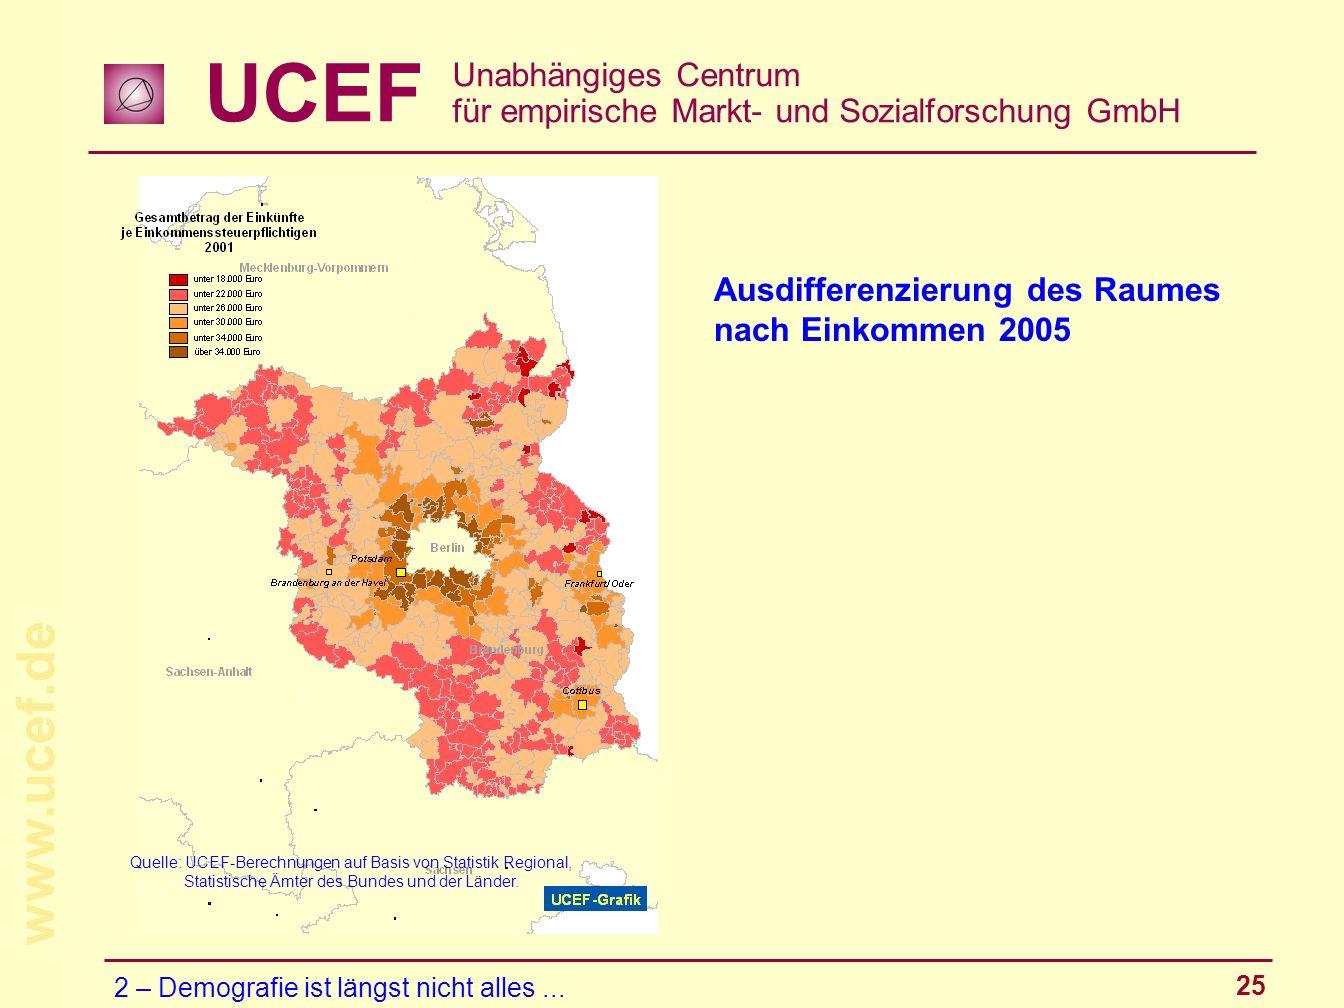 UCEF Unabhängiges Centrum für empirische Markt- und Sozialforschung GmbH www.ucef.de 25 Ausdifferenzierung des Raumes nach Einkommen 2005 Quelle: UCEF